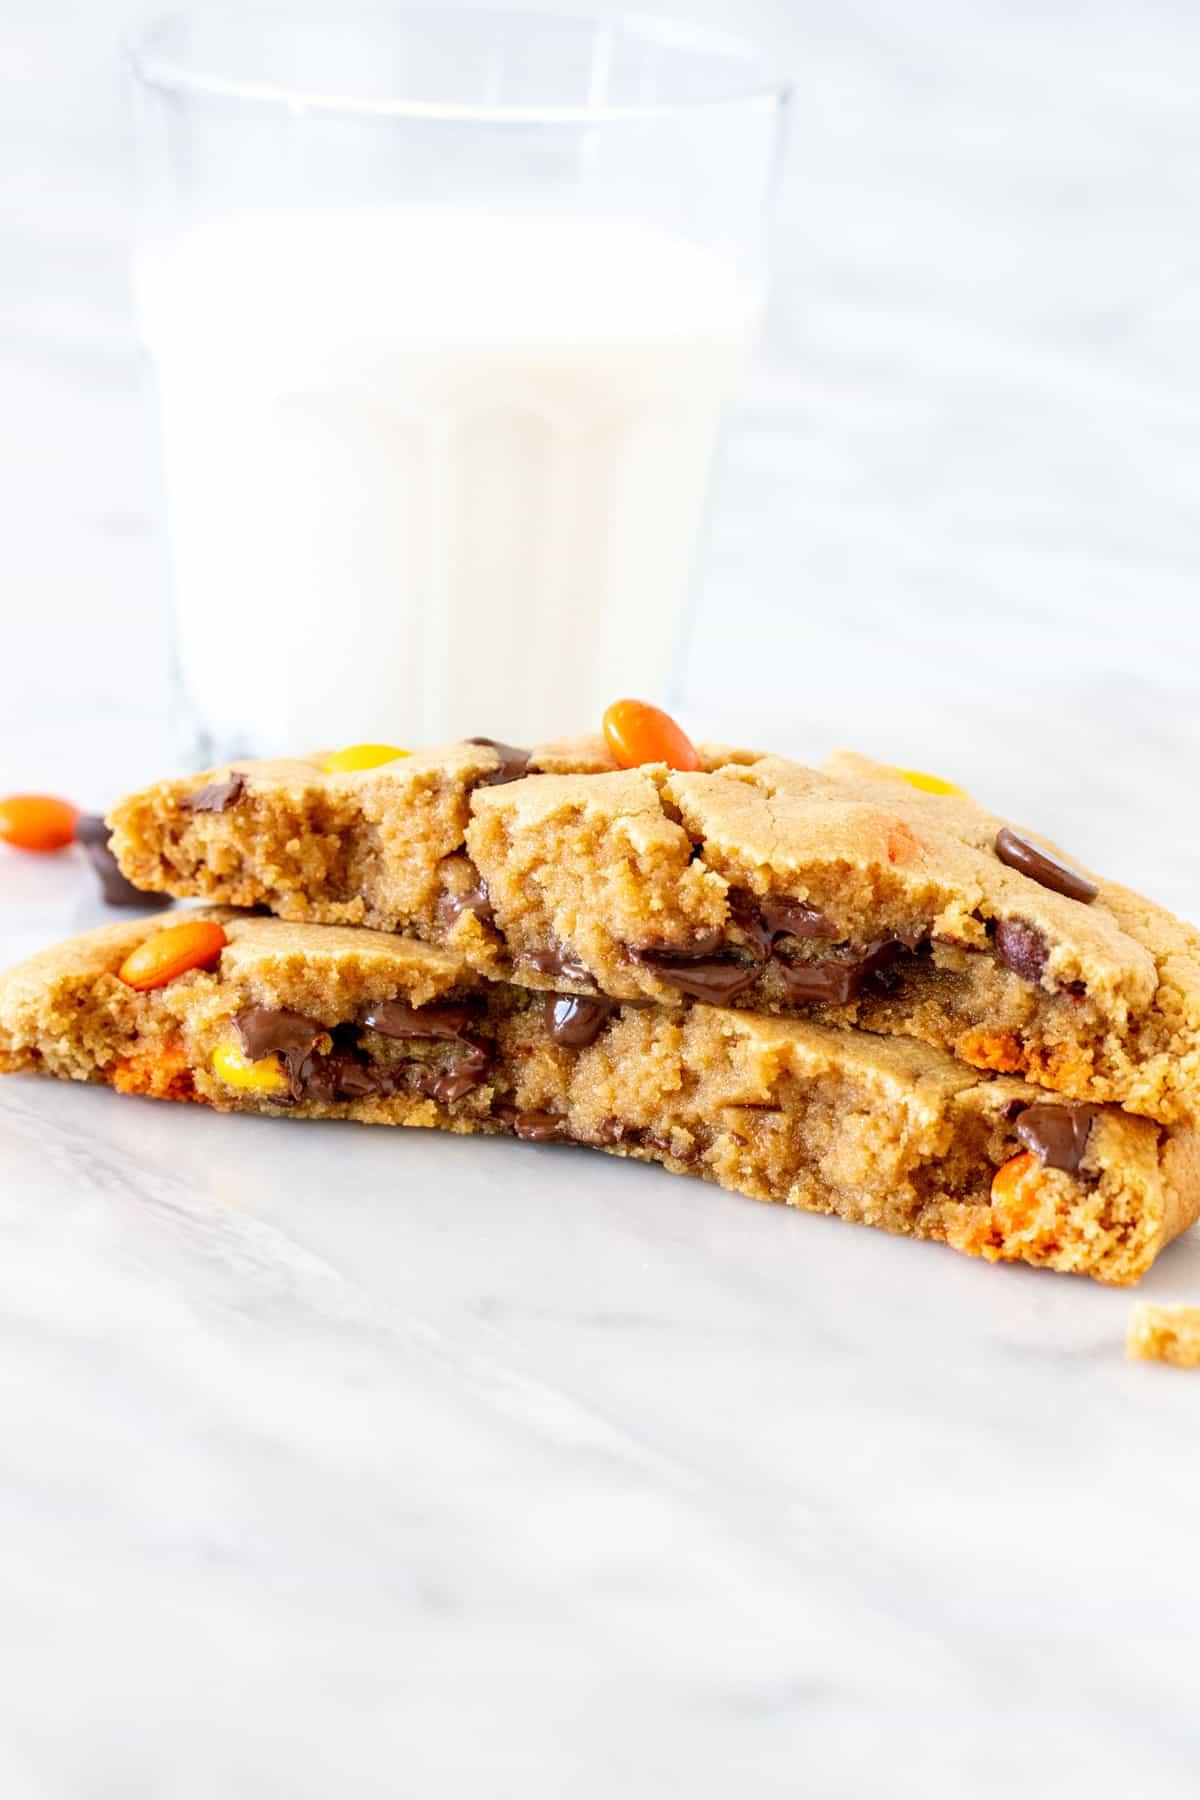 Single serving peanut butter cookie broken in half.